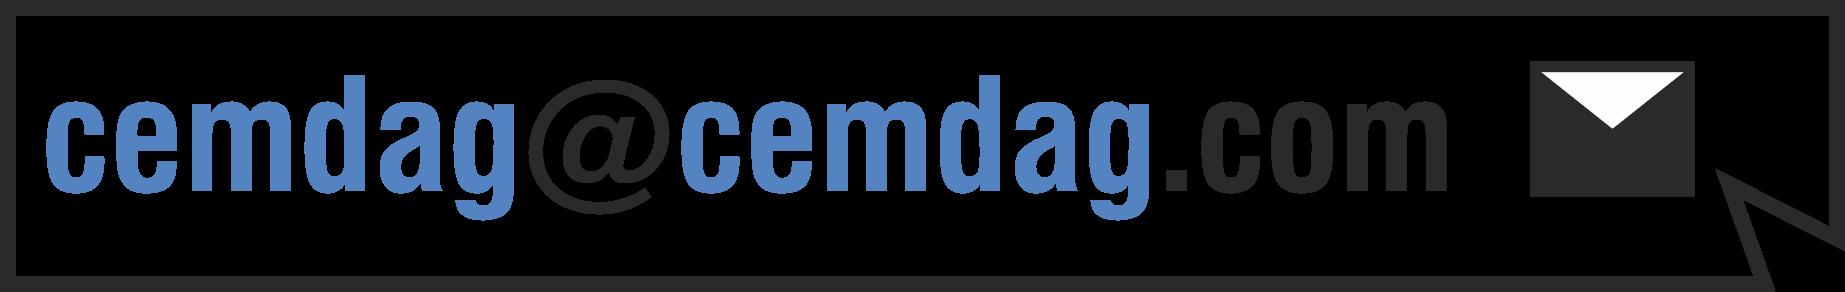 iletisim logo 3